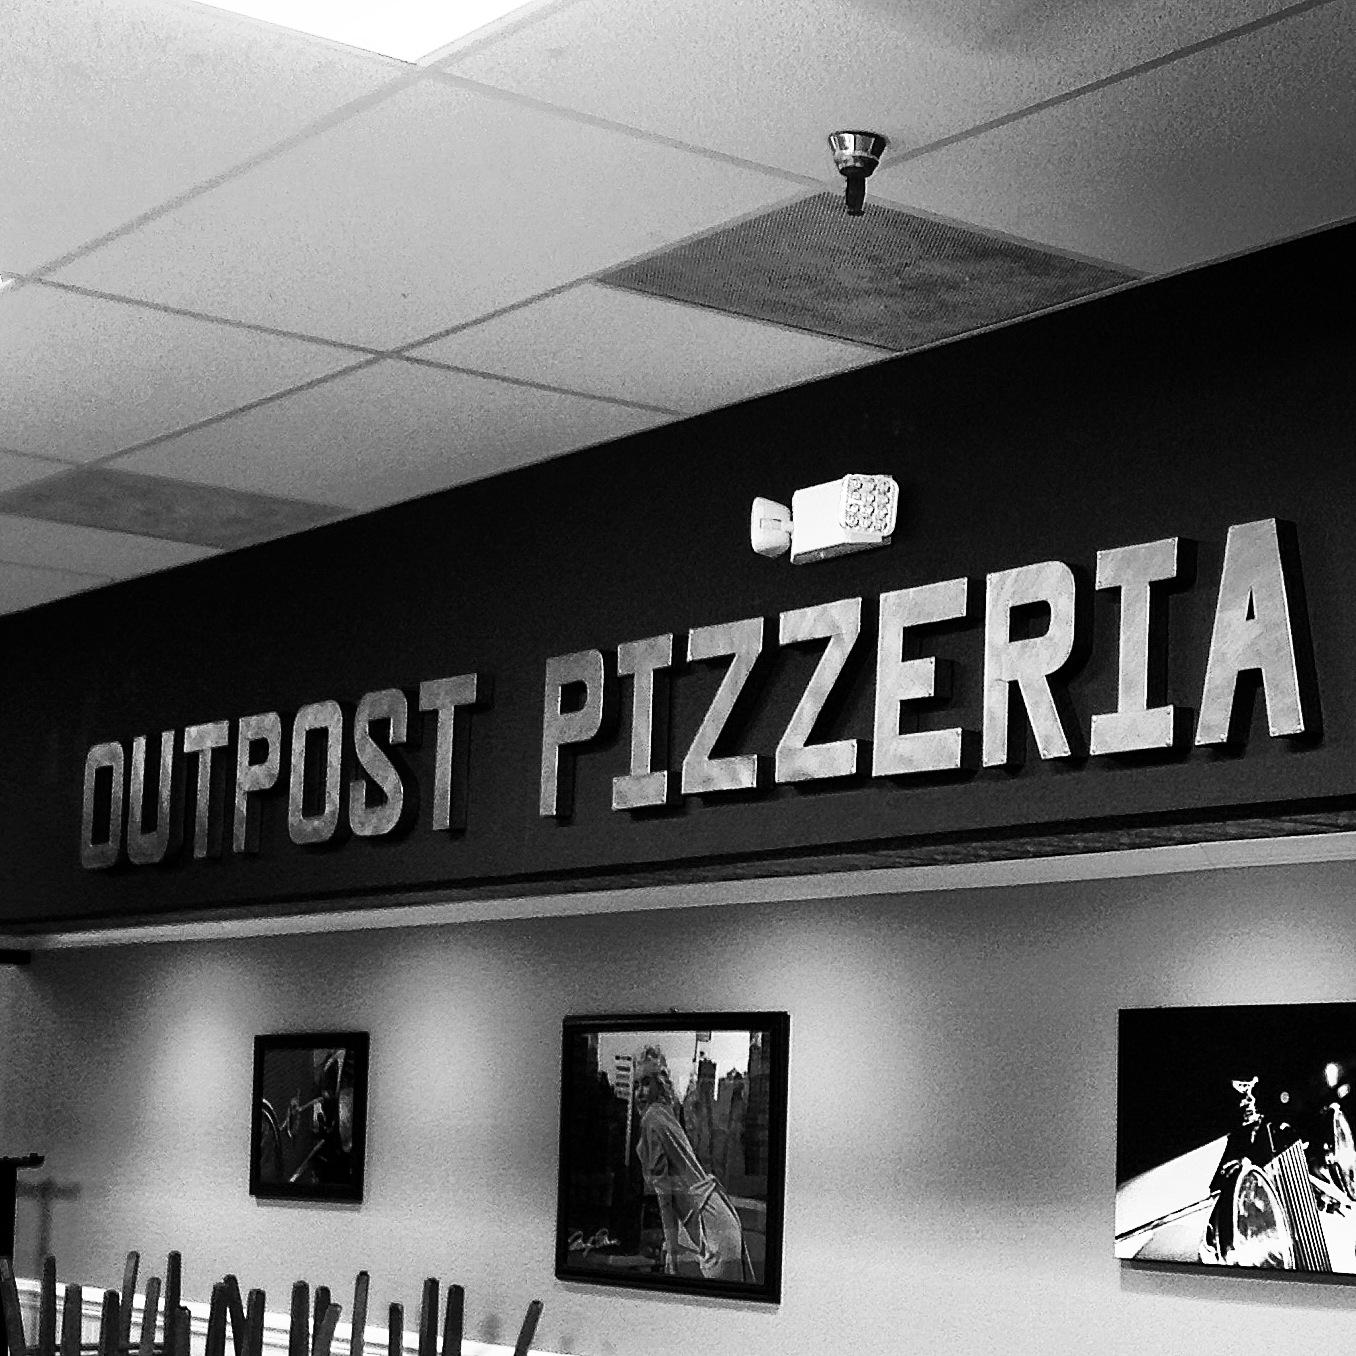 Outpost Pizzeria II, Shelton CT